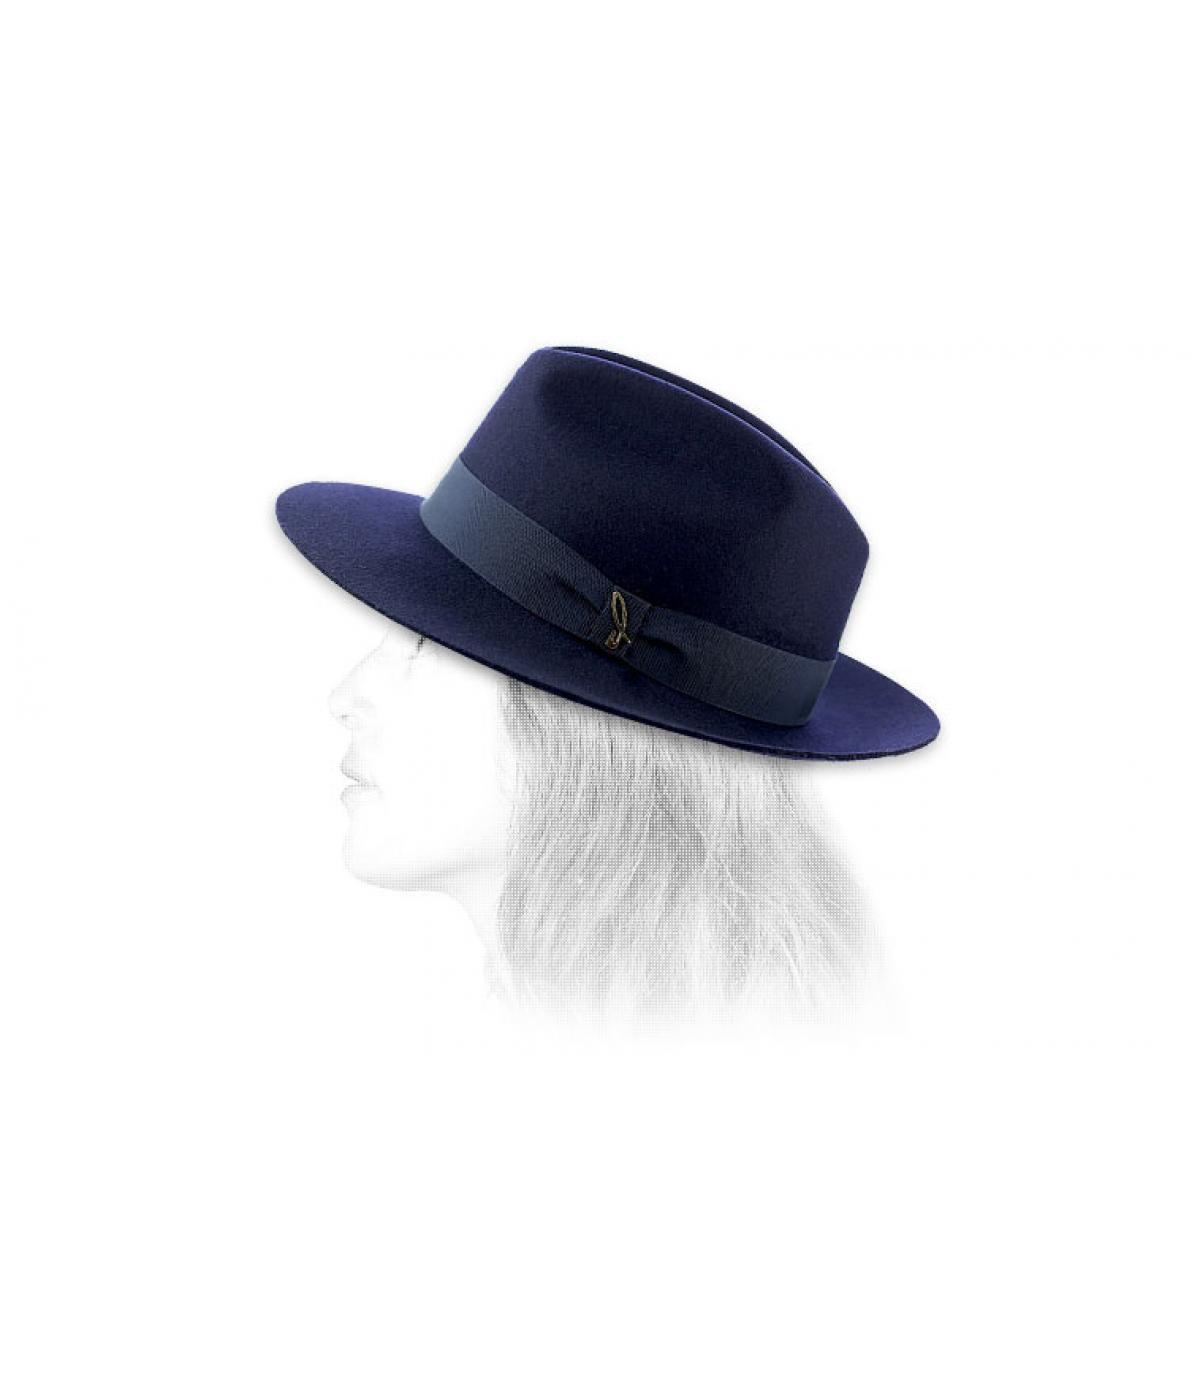 Détails Chapeau femme feutre laine marine - image 6